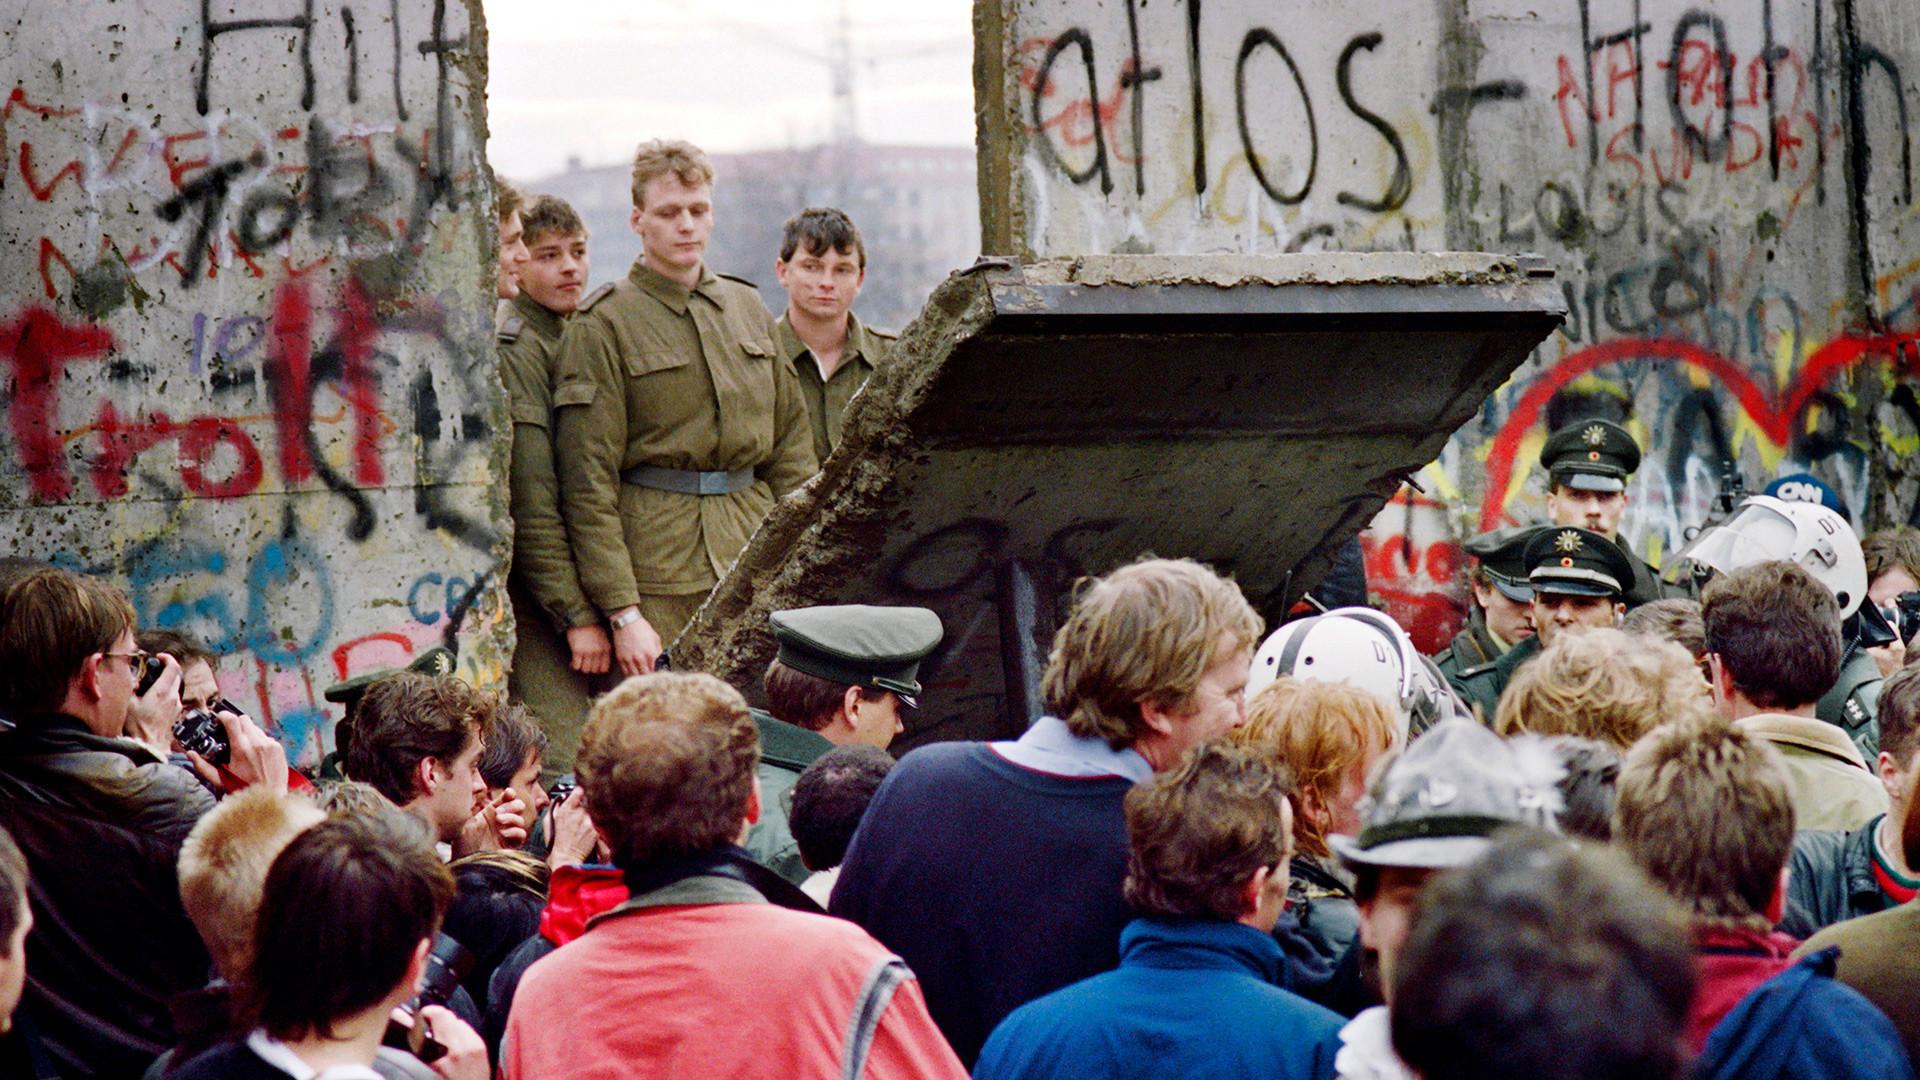 I berlinesi dell'Ovest si affollano davanti al Muro di Berlino all'inizio dell'11 novembre 1989 mentre guardano le guardie di frontiera della Germania dell'Est che demoliscono un tratto del muro per aprire un nuovo punto di passaggio tra Berlino Est e Berlino Ovest, vicino a Potsdamer Square